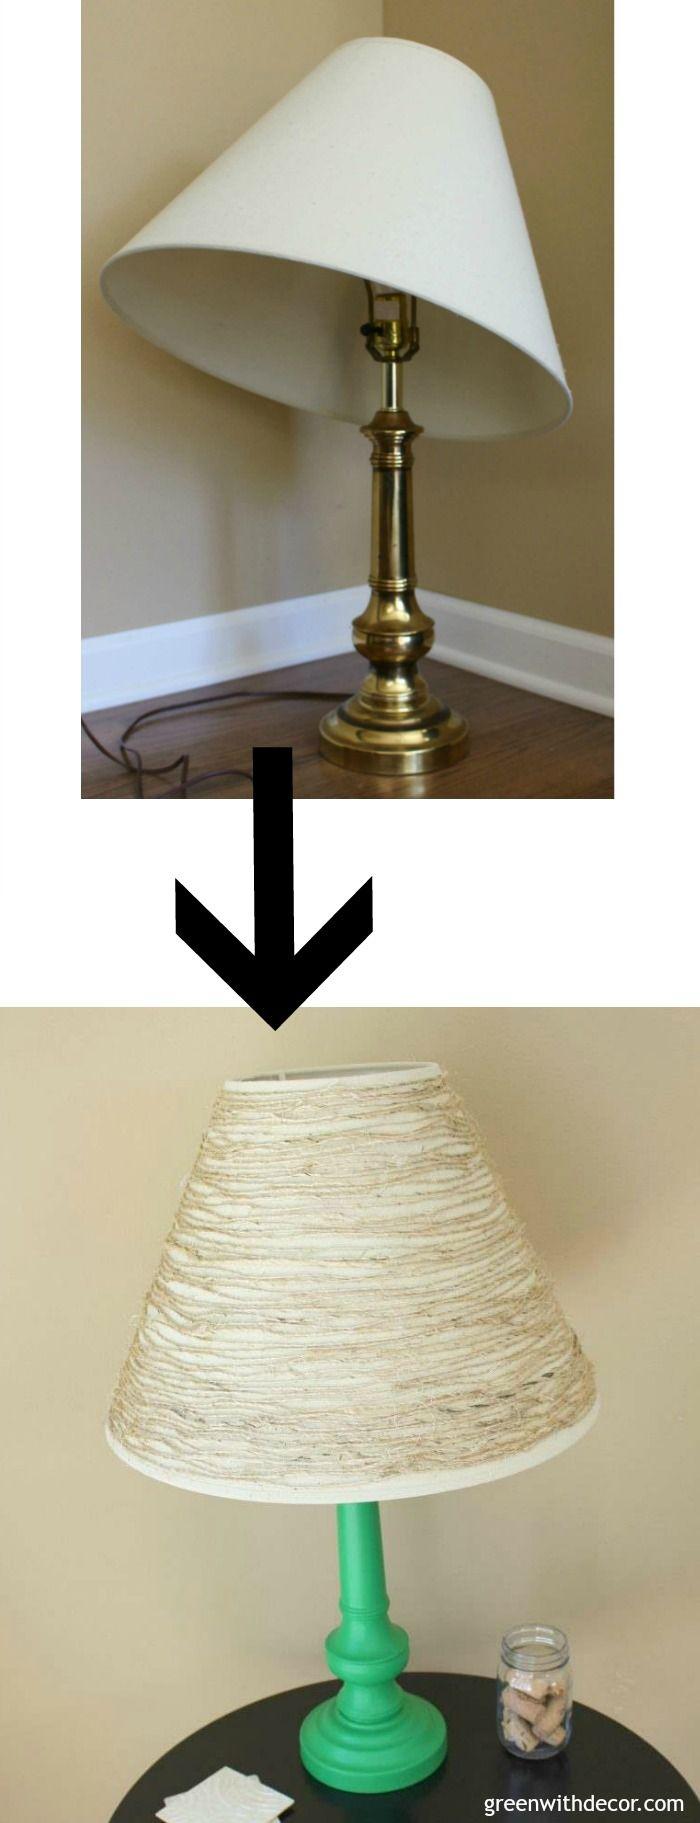 lampp.jpeg